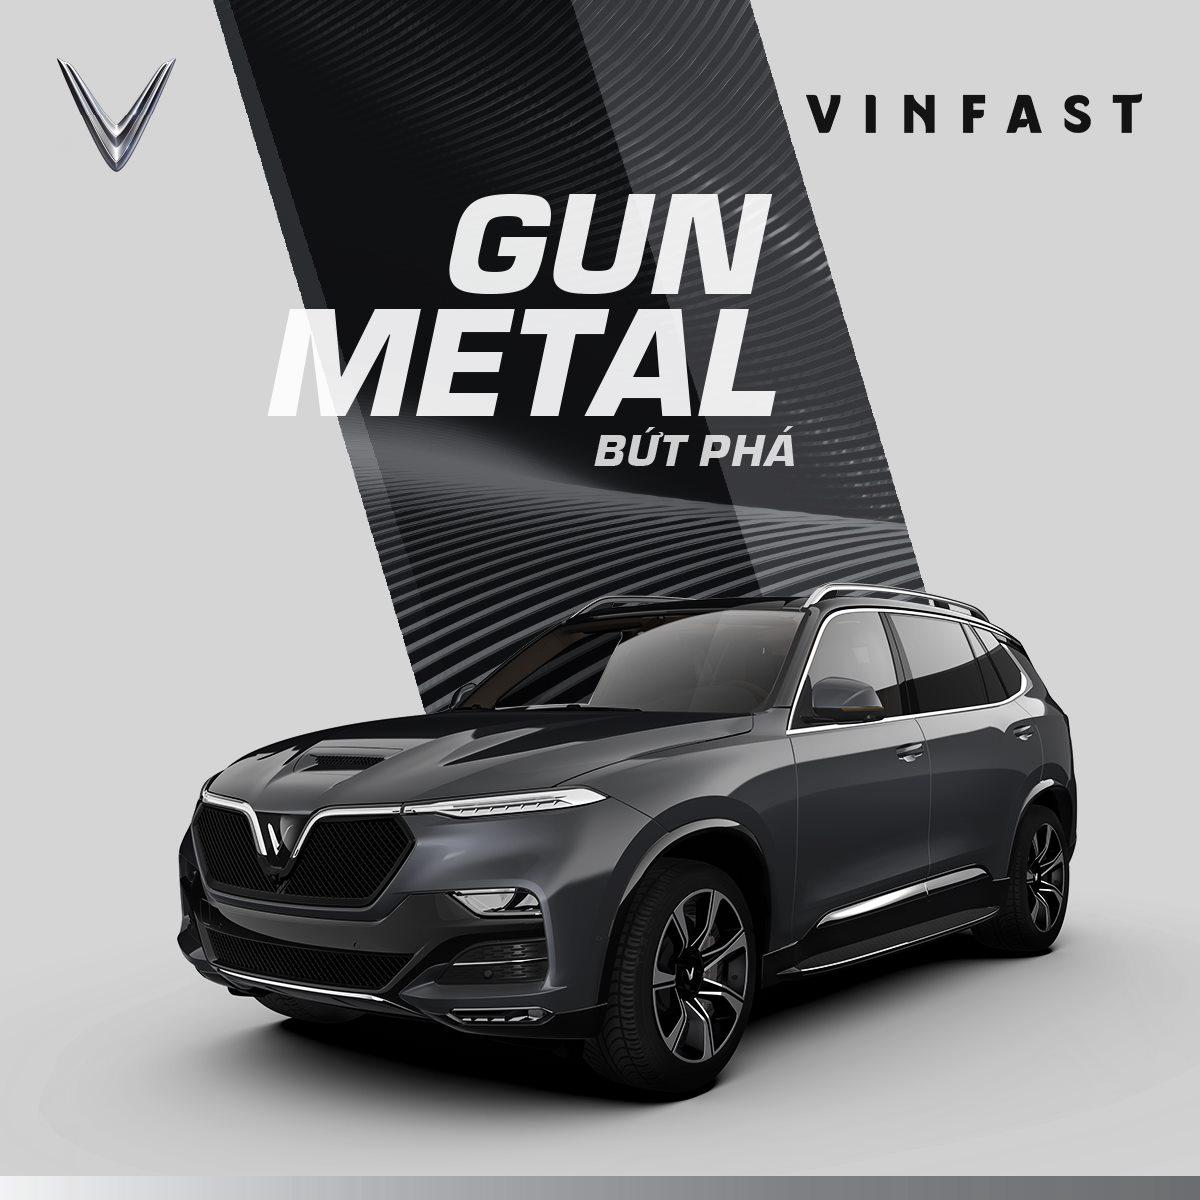 vinfast-3.jpg